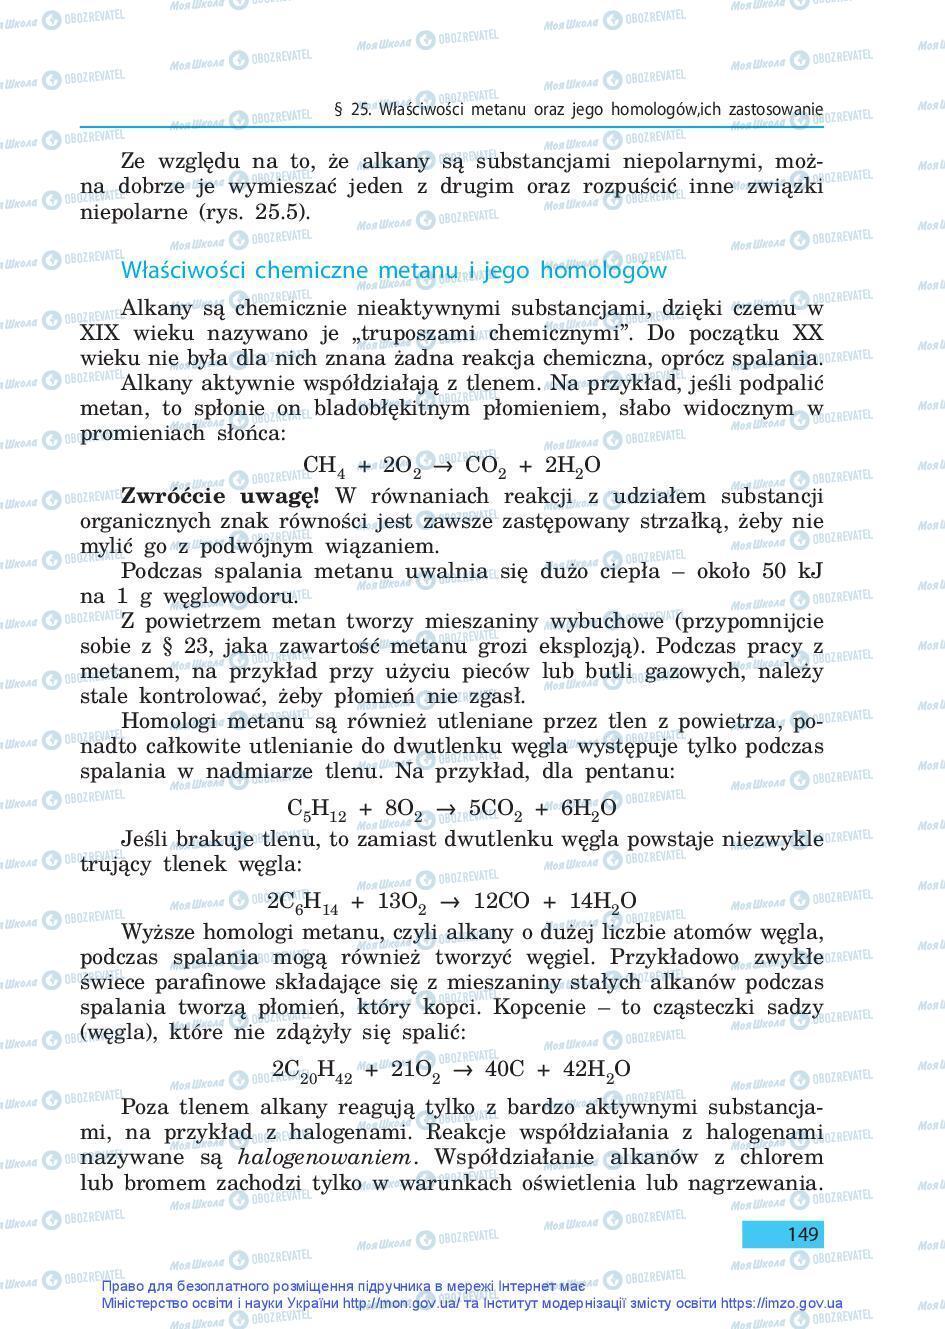 Підручники Хімія 9 клас сторінка 149